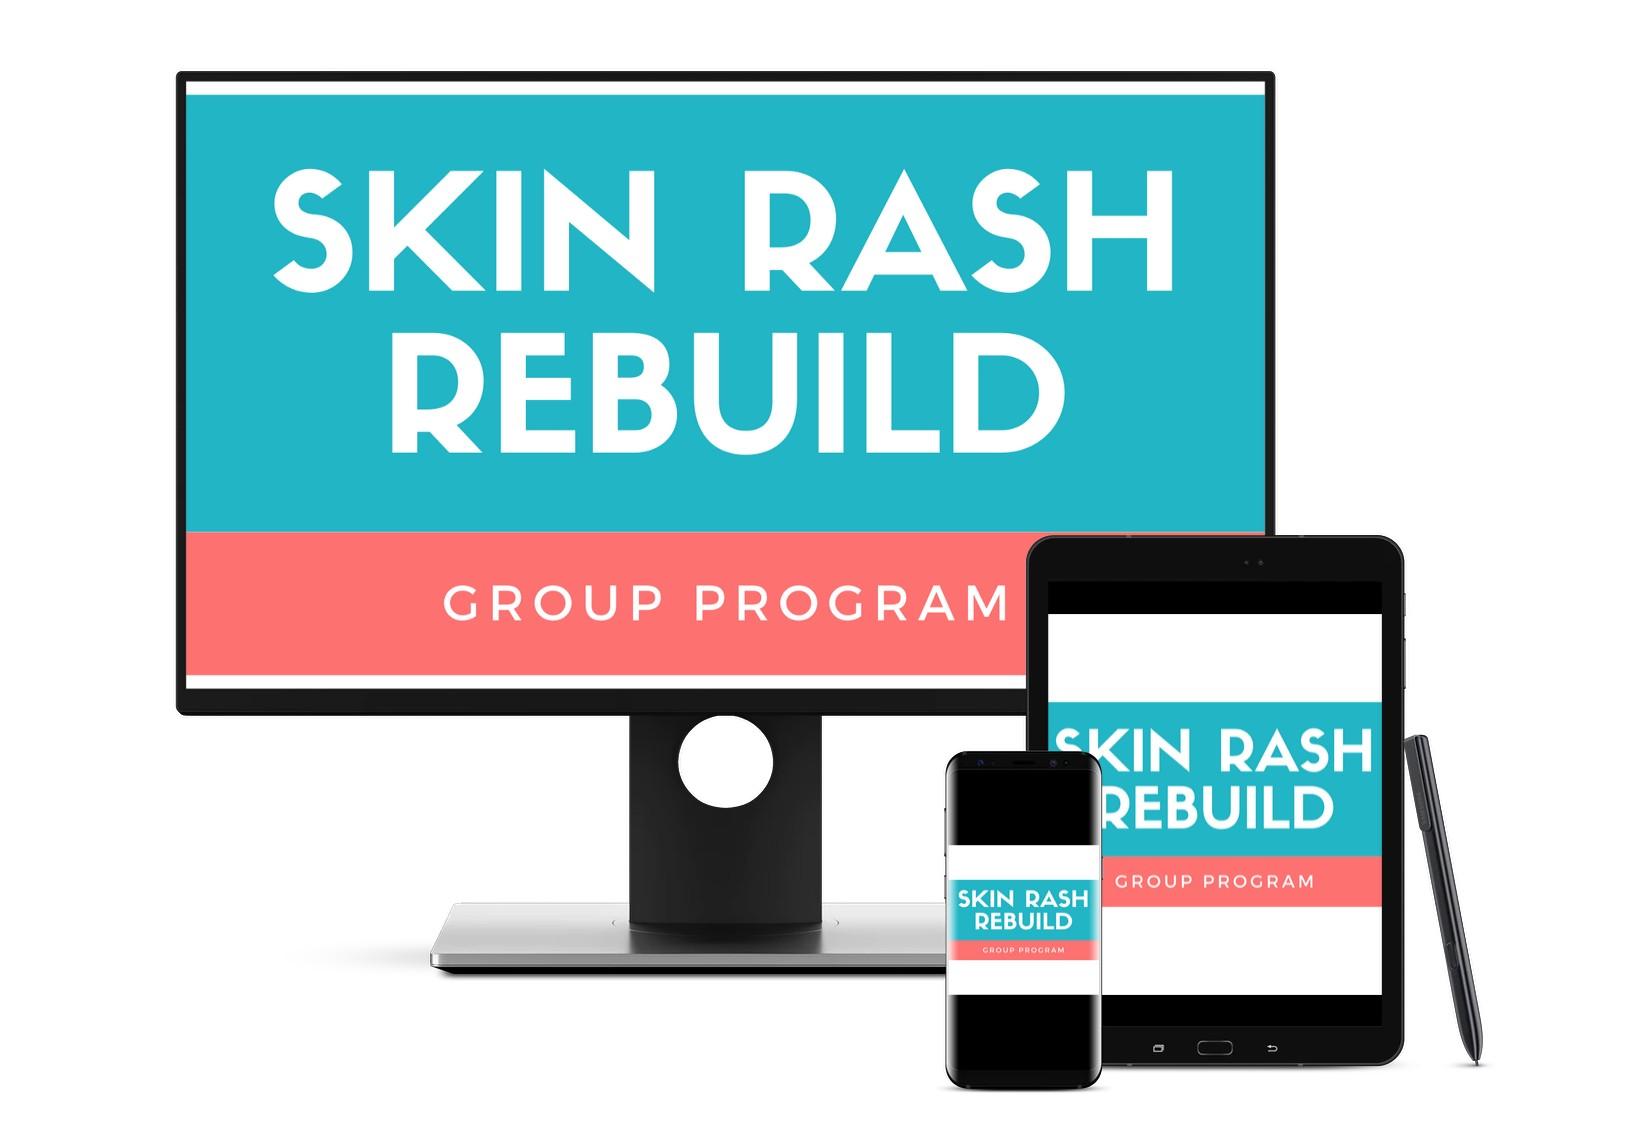 Skin Rash Rebuild